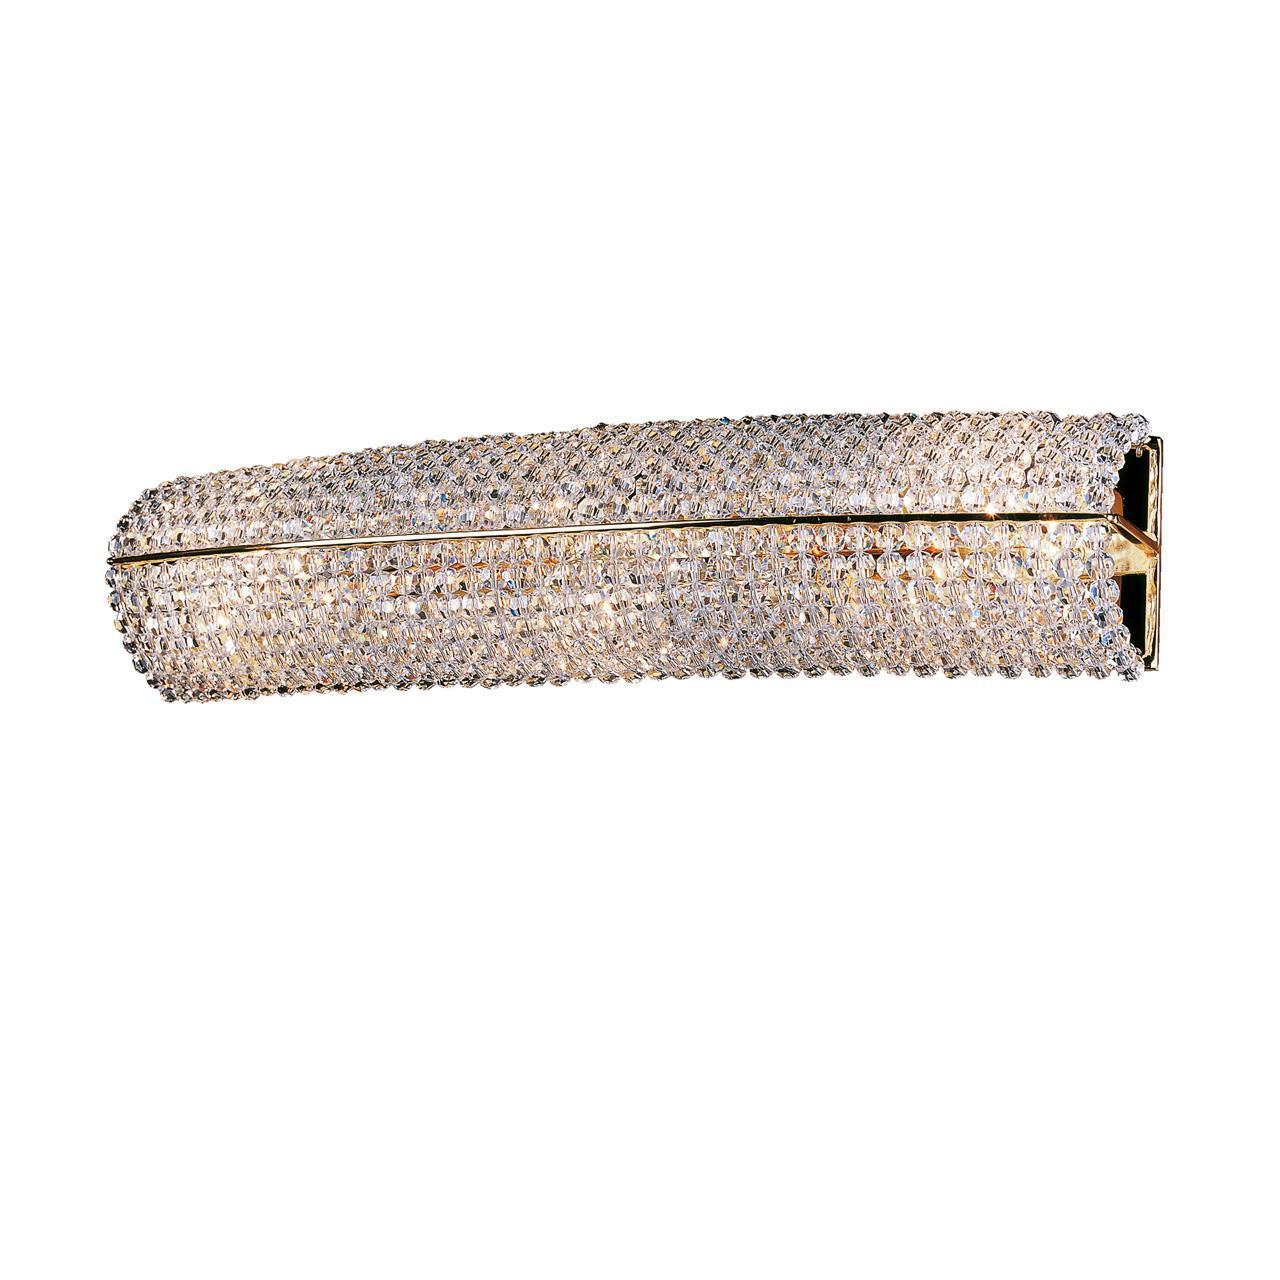 Настенный светильник Osgona Monile 704642 светильник 704634 monile osgona 1045034